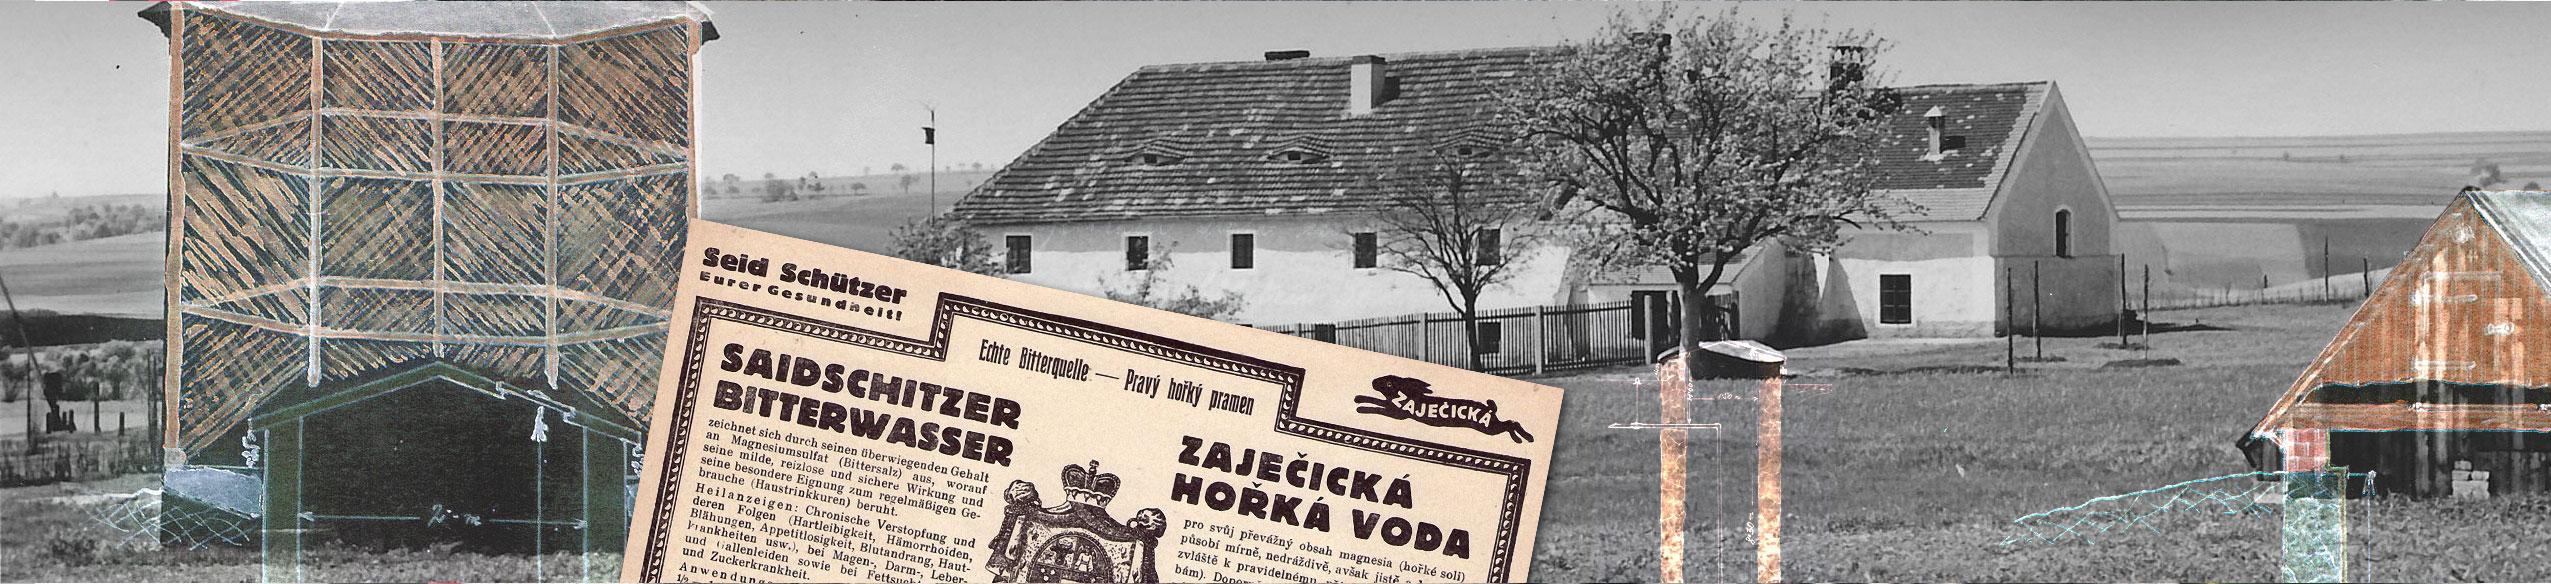 Zaječická hořká voda stojí u samého zrodu českého lázeňství a užívá se v lázních Karlovy Vary a Teplice. (Carlsbade und Töplitz)